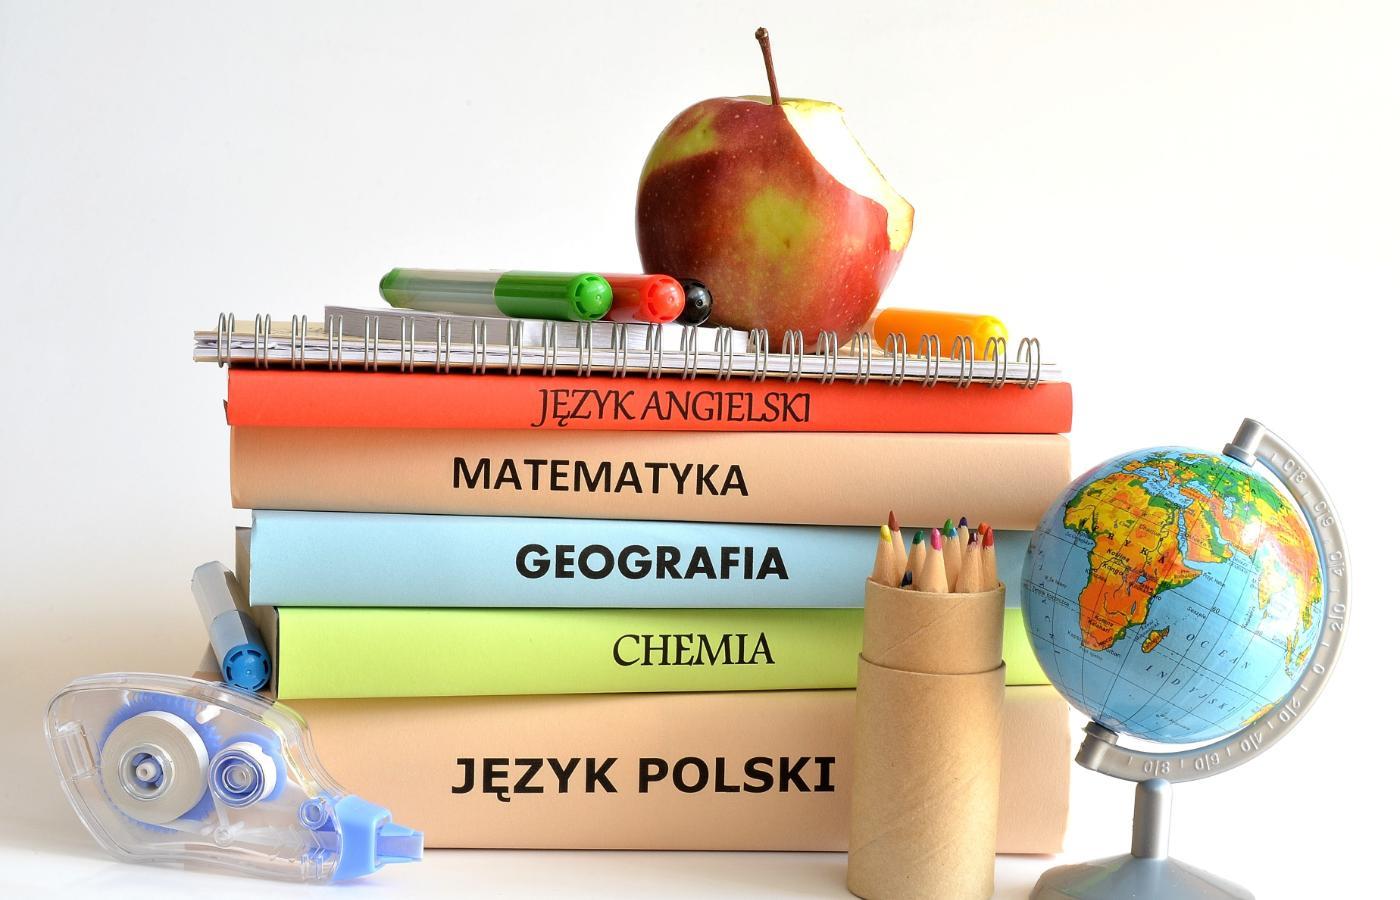 6 pytań o podręczniki szkolne. Gdzie kupić, gdzie sprzedać i kto je  wybiera? - Polityka.pl